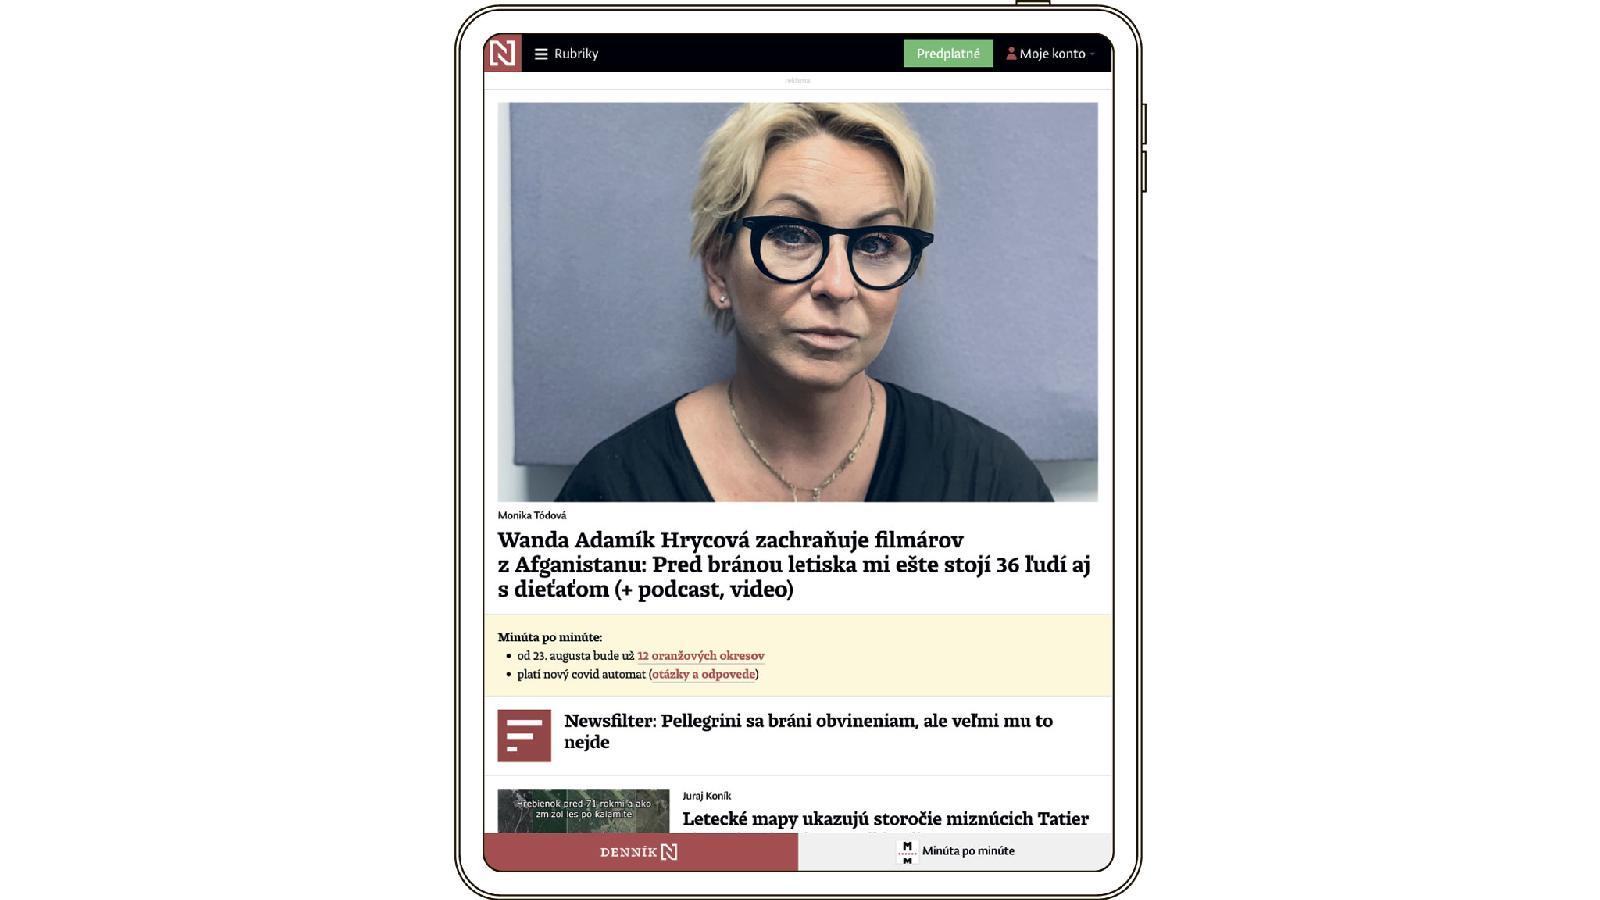 Главная страница dennikn.sk поделена на две части: слева за пэйволом размещаются лонгриды; справа — горячие новости (большинство — в свободном доступе), которые привлекают трафик